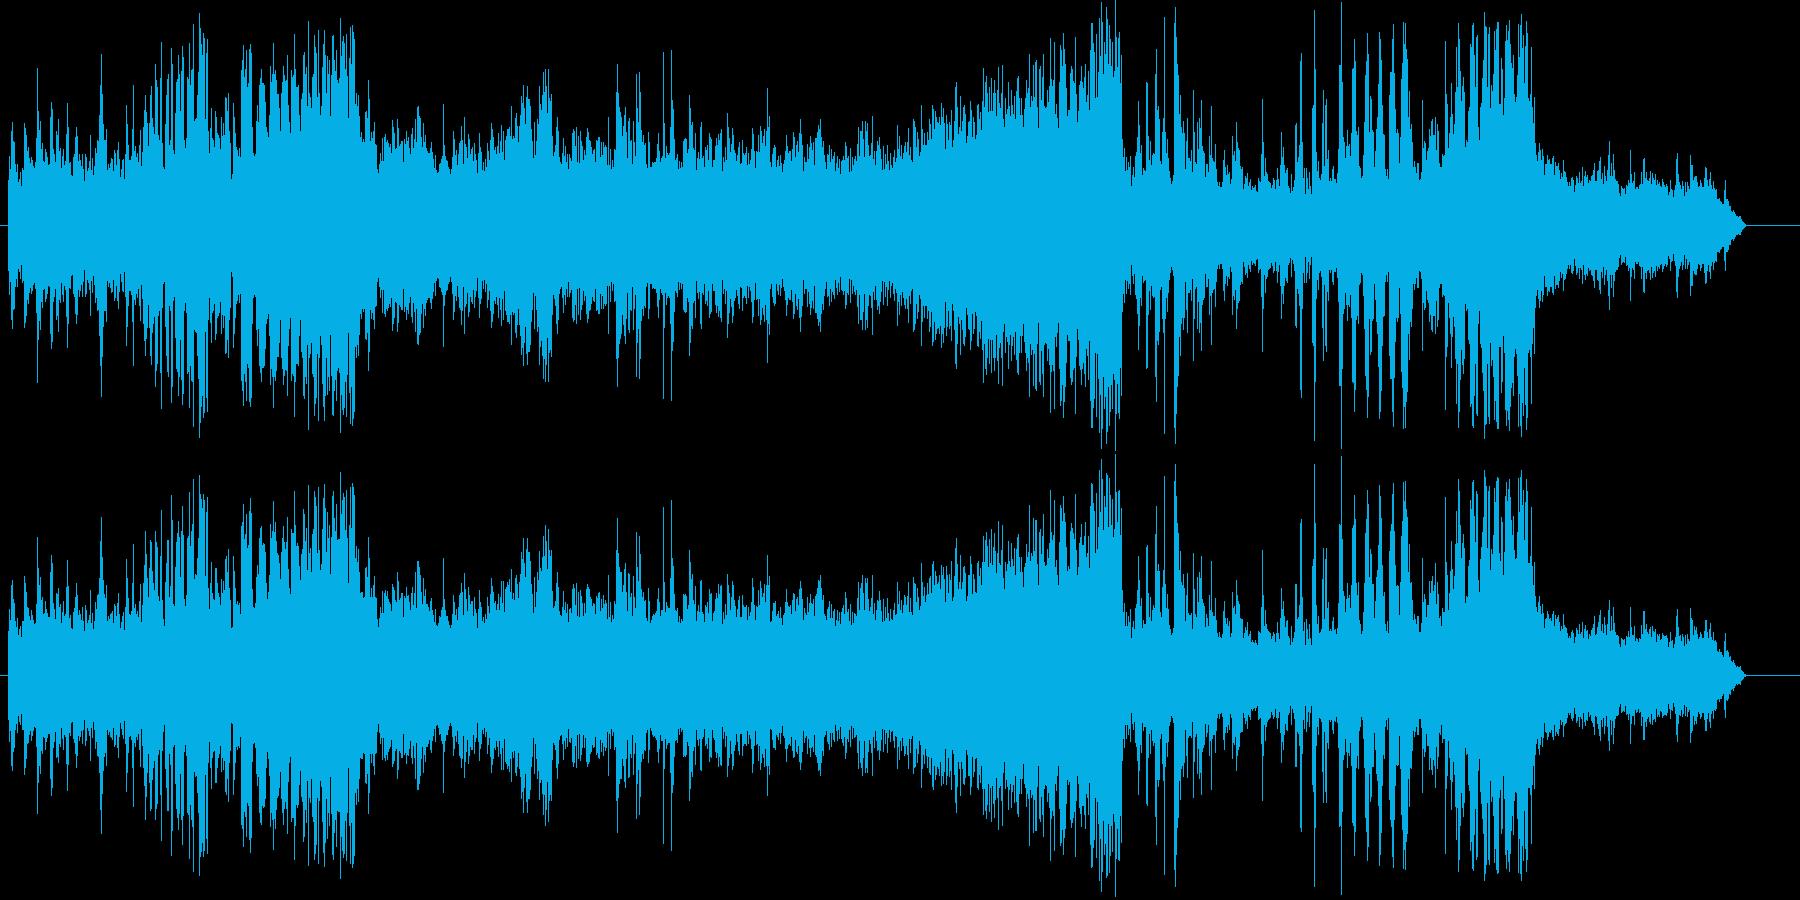 合板スムーザー;合板スムーザー;バ...の再生済みの波形